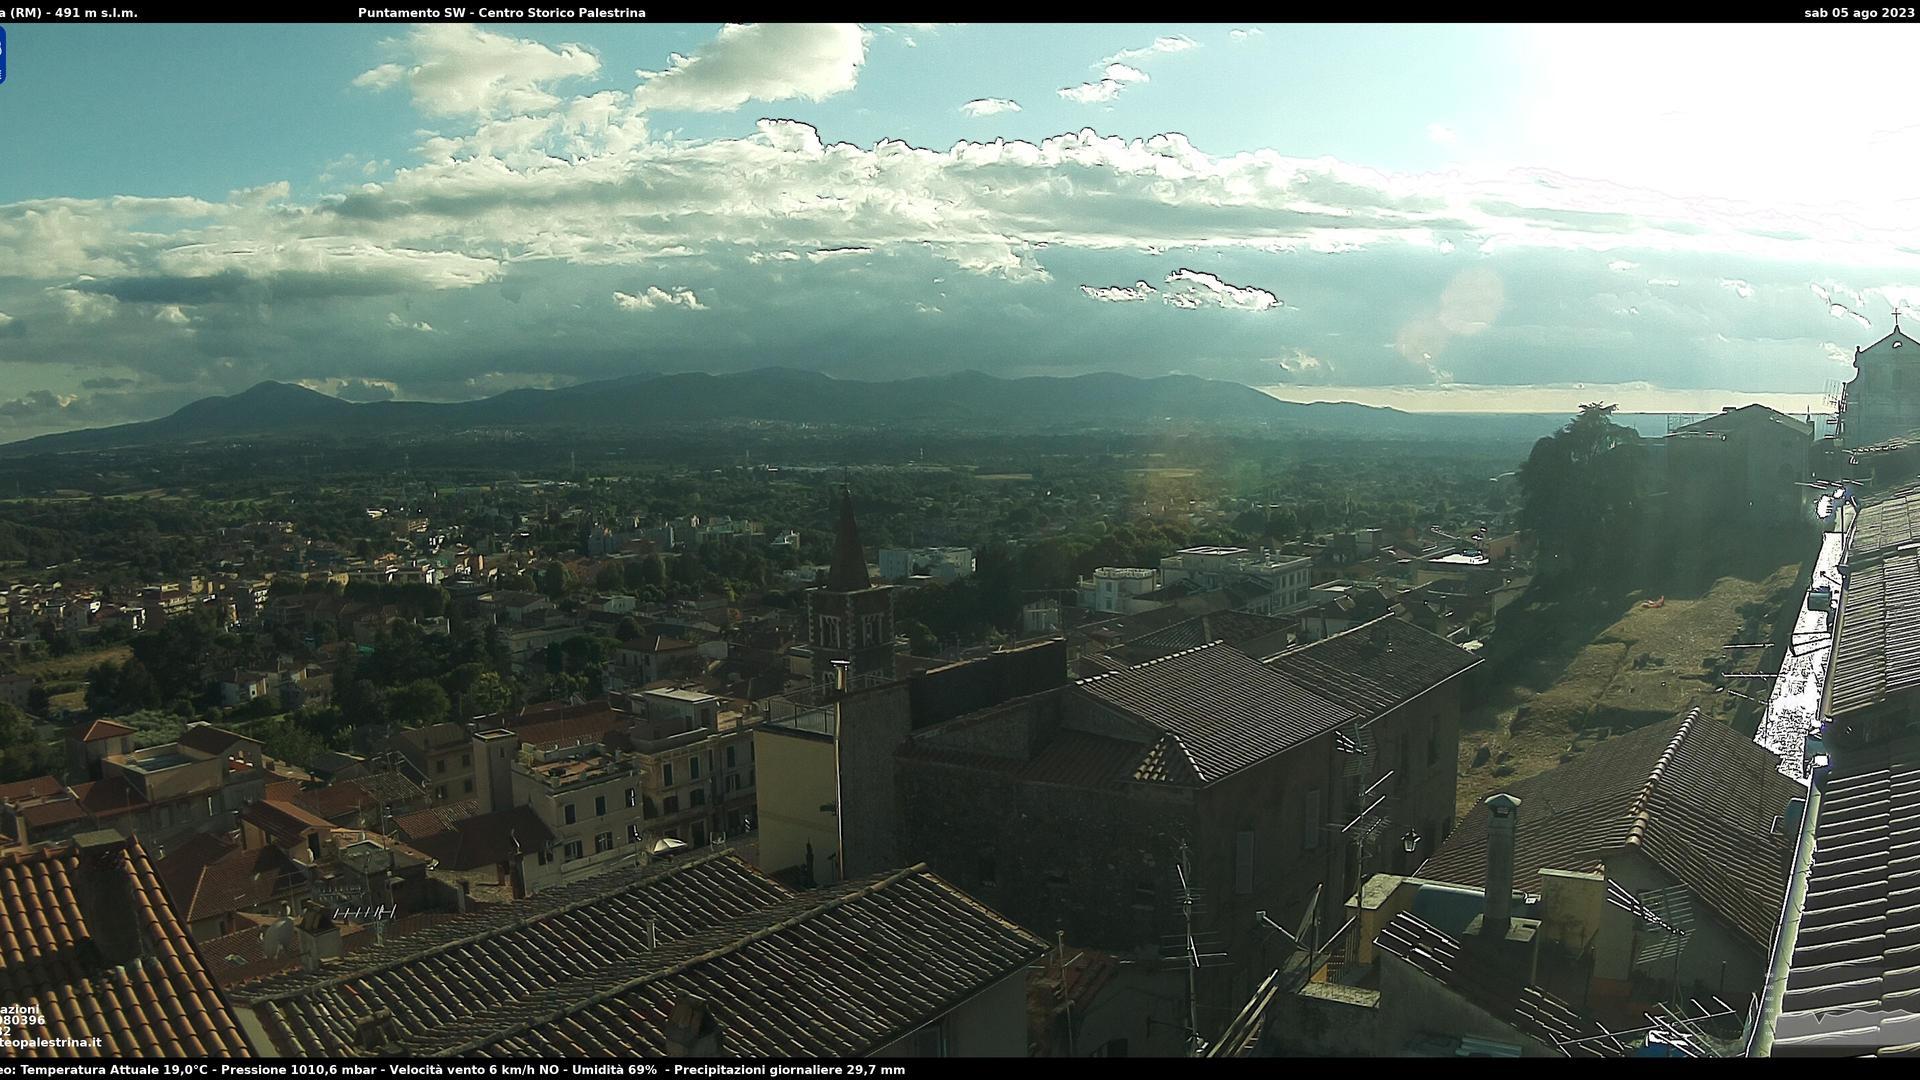 Webcam Frainili: Palestrina − Campagna Romana − Roma